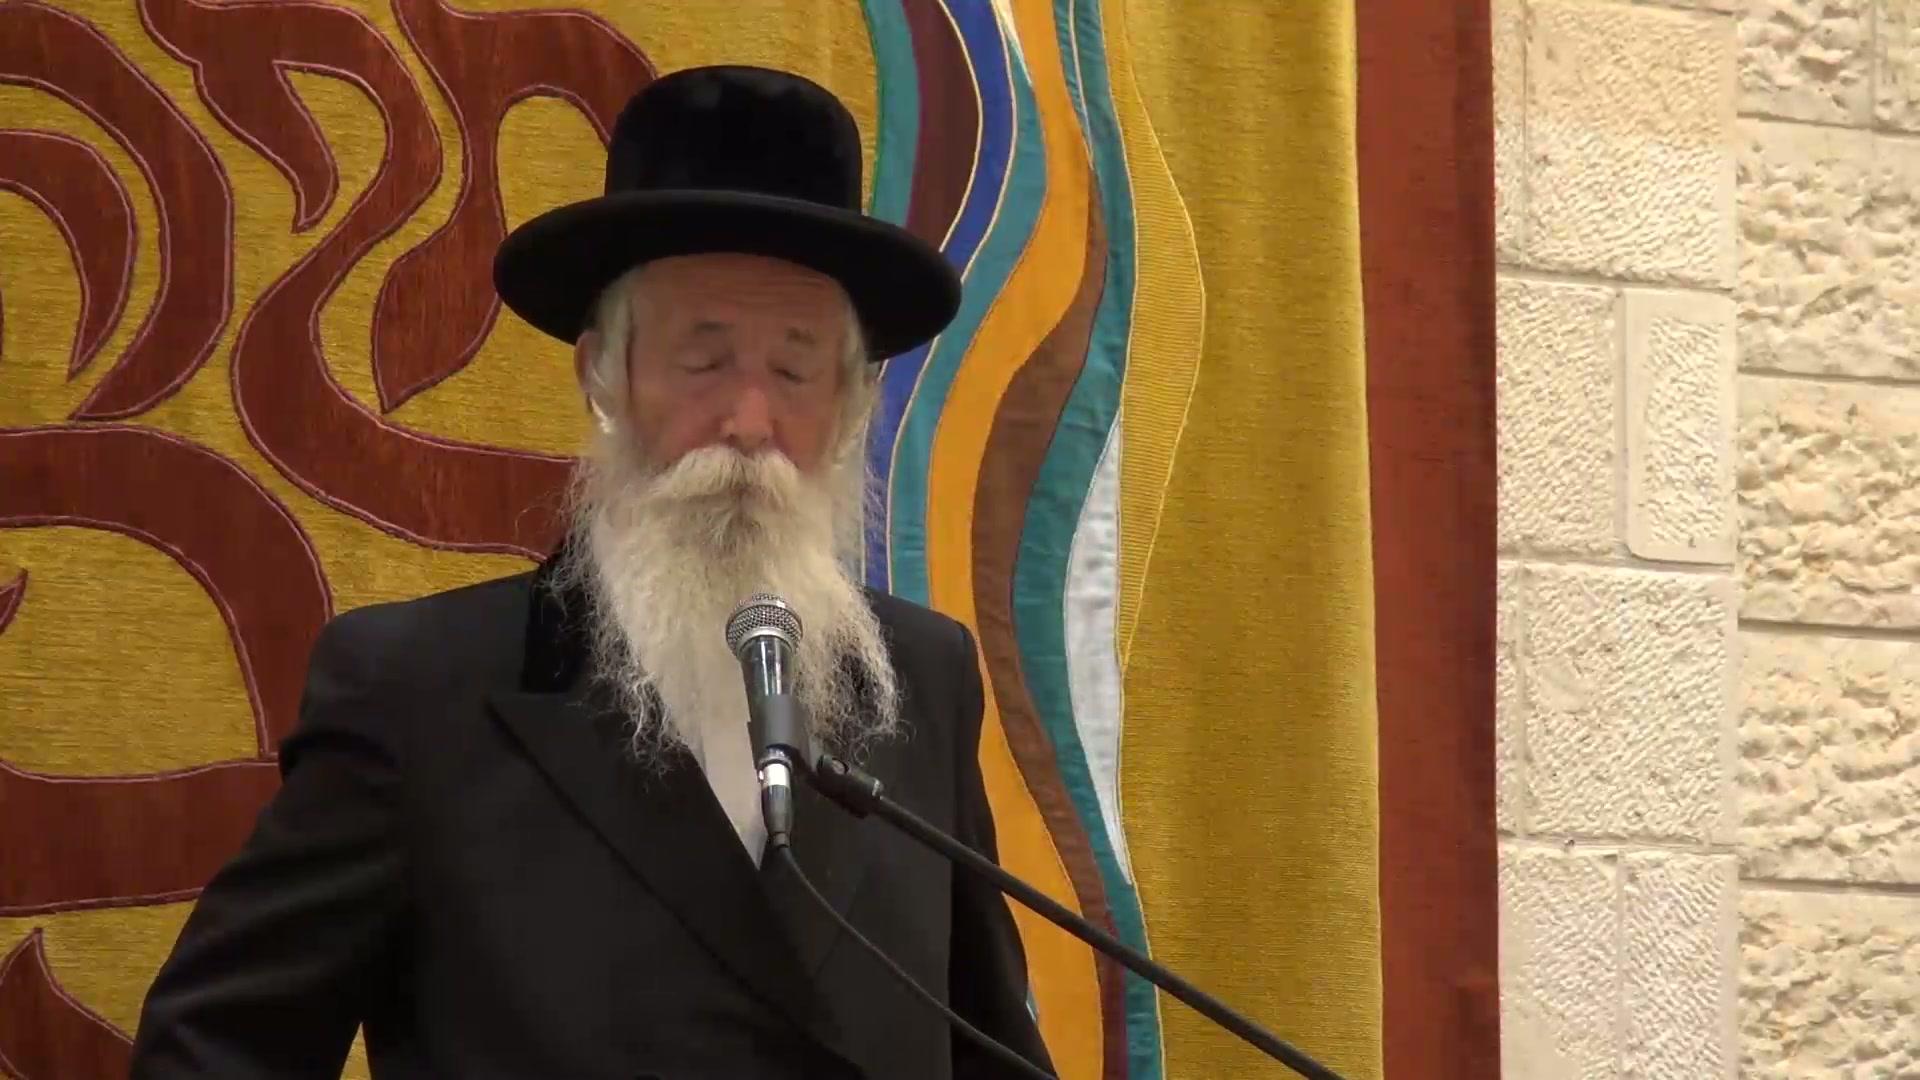 האיכפתיות והערבות ההדדית בעם ישראל - רק בישראל